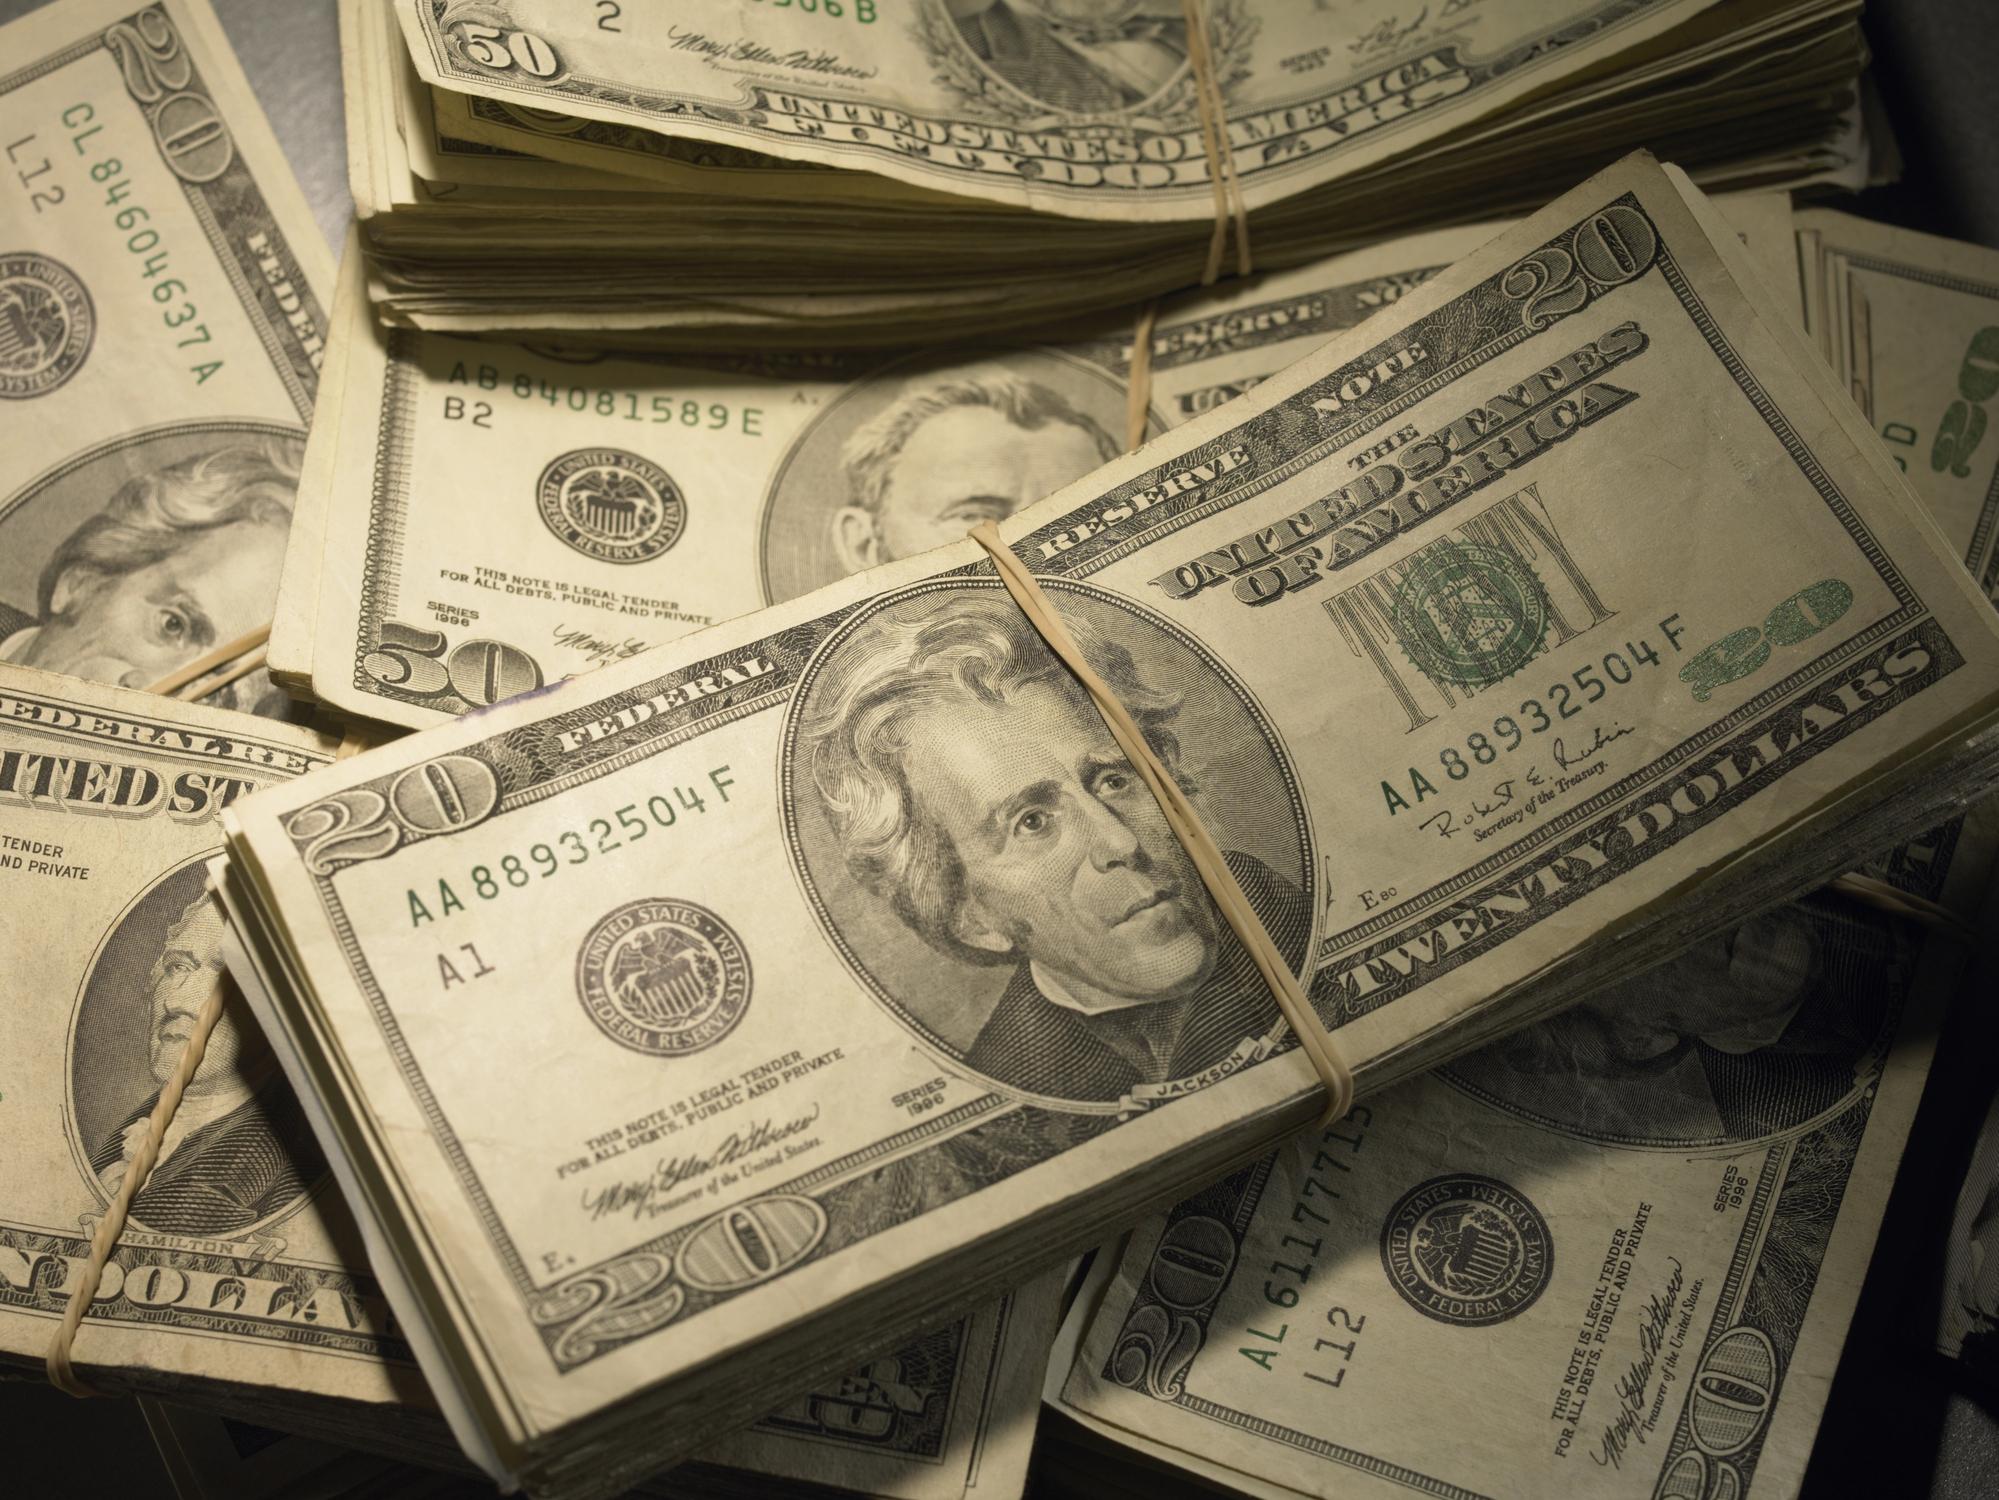 Bundles of U.S. currency.